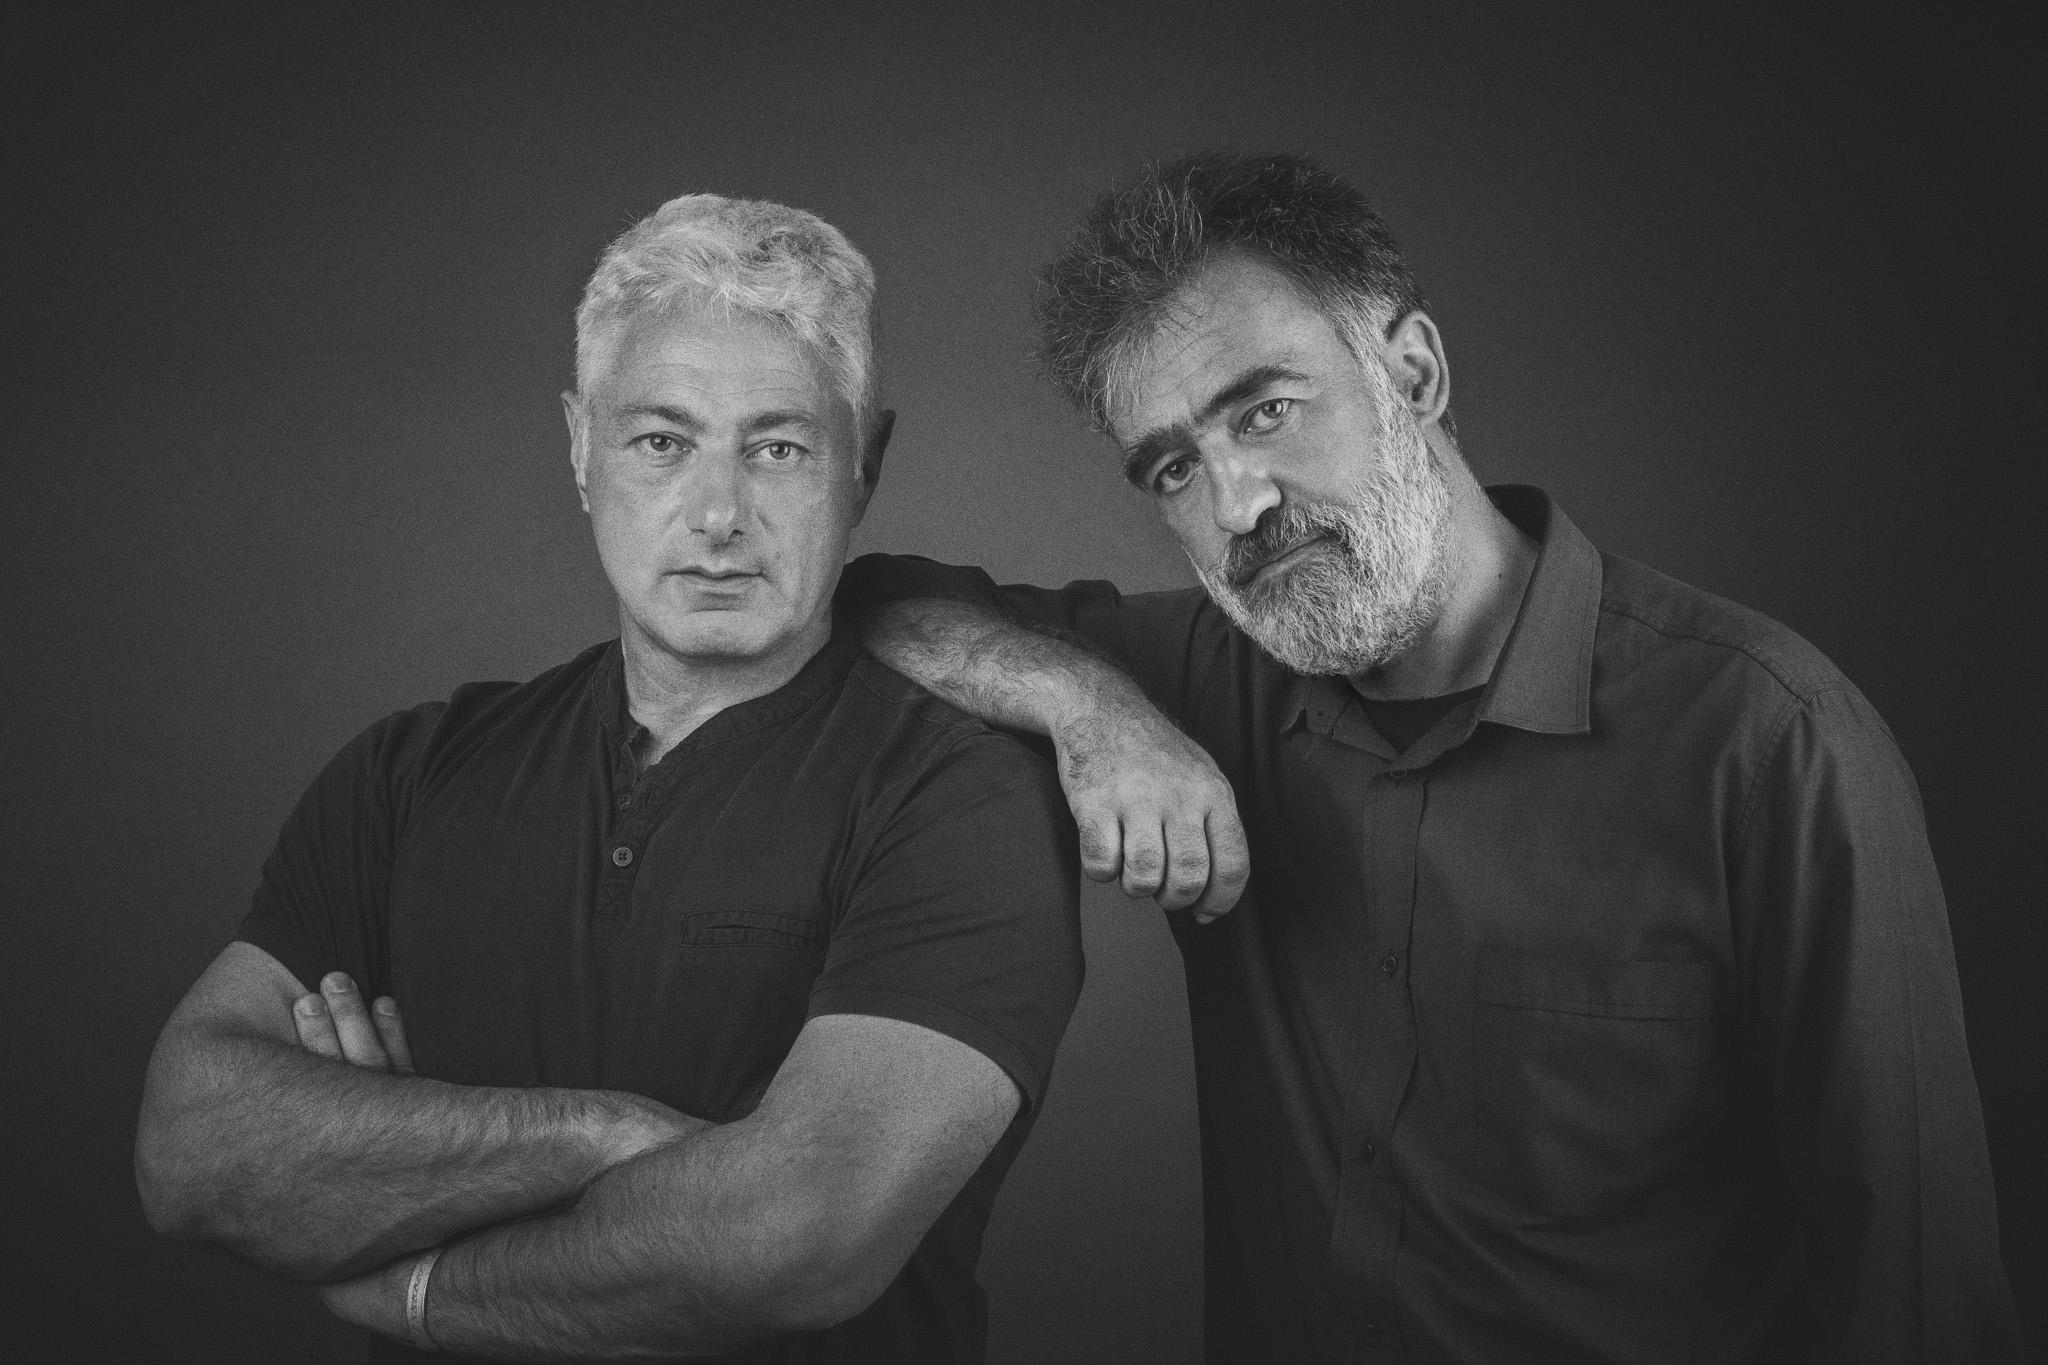 Io e Pier Paolo Cito, ospite del nostro studio in occasione di ImagO 2017  Pier Paolo Cito:  www.pierpaolocito.it   ImagOrbetello:  www.imagorbetello.com